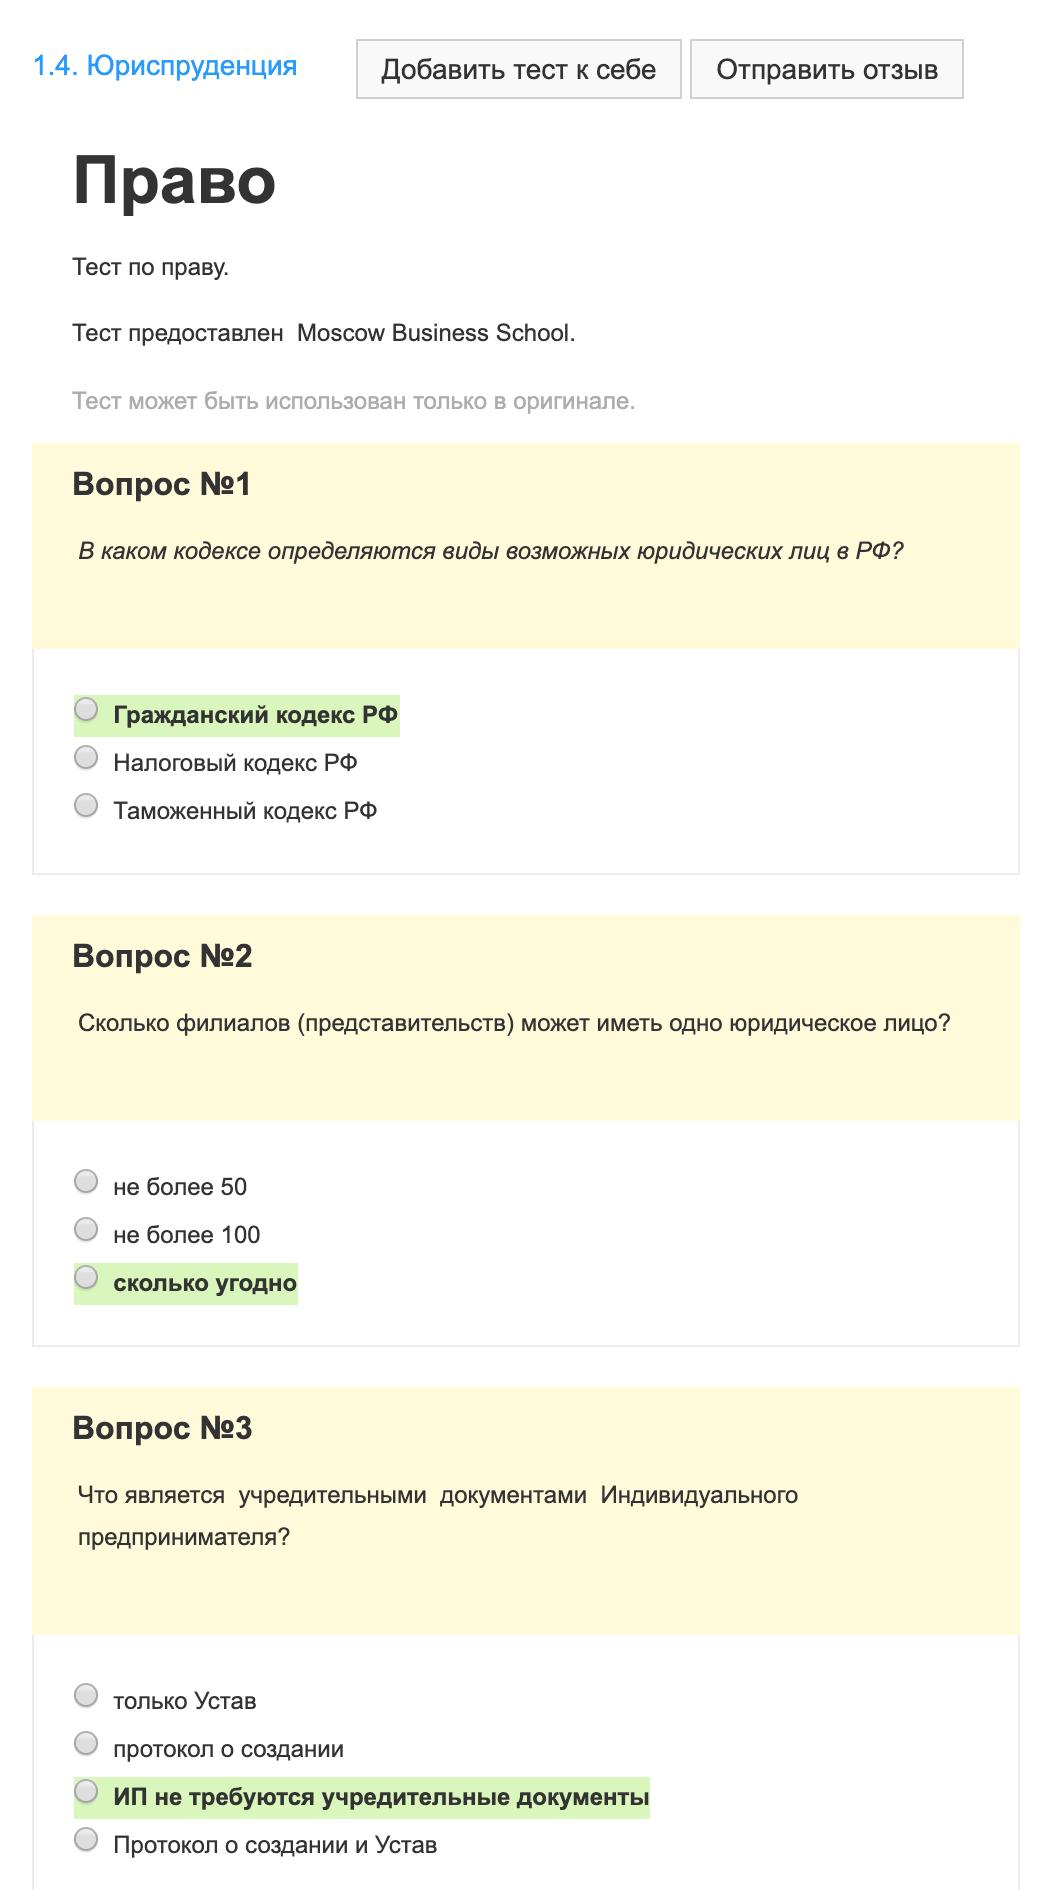 Небольшой тест с «Хедхантера» дляюриста. Некоторые тесты можно редактировать, например добавлять новые вопросы, но конкретно этот разрешается использовать только в таком виде